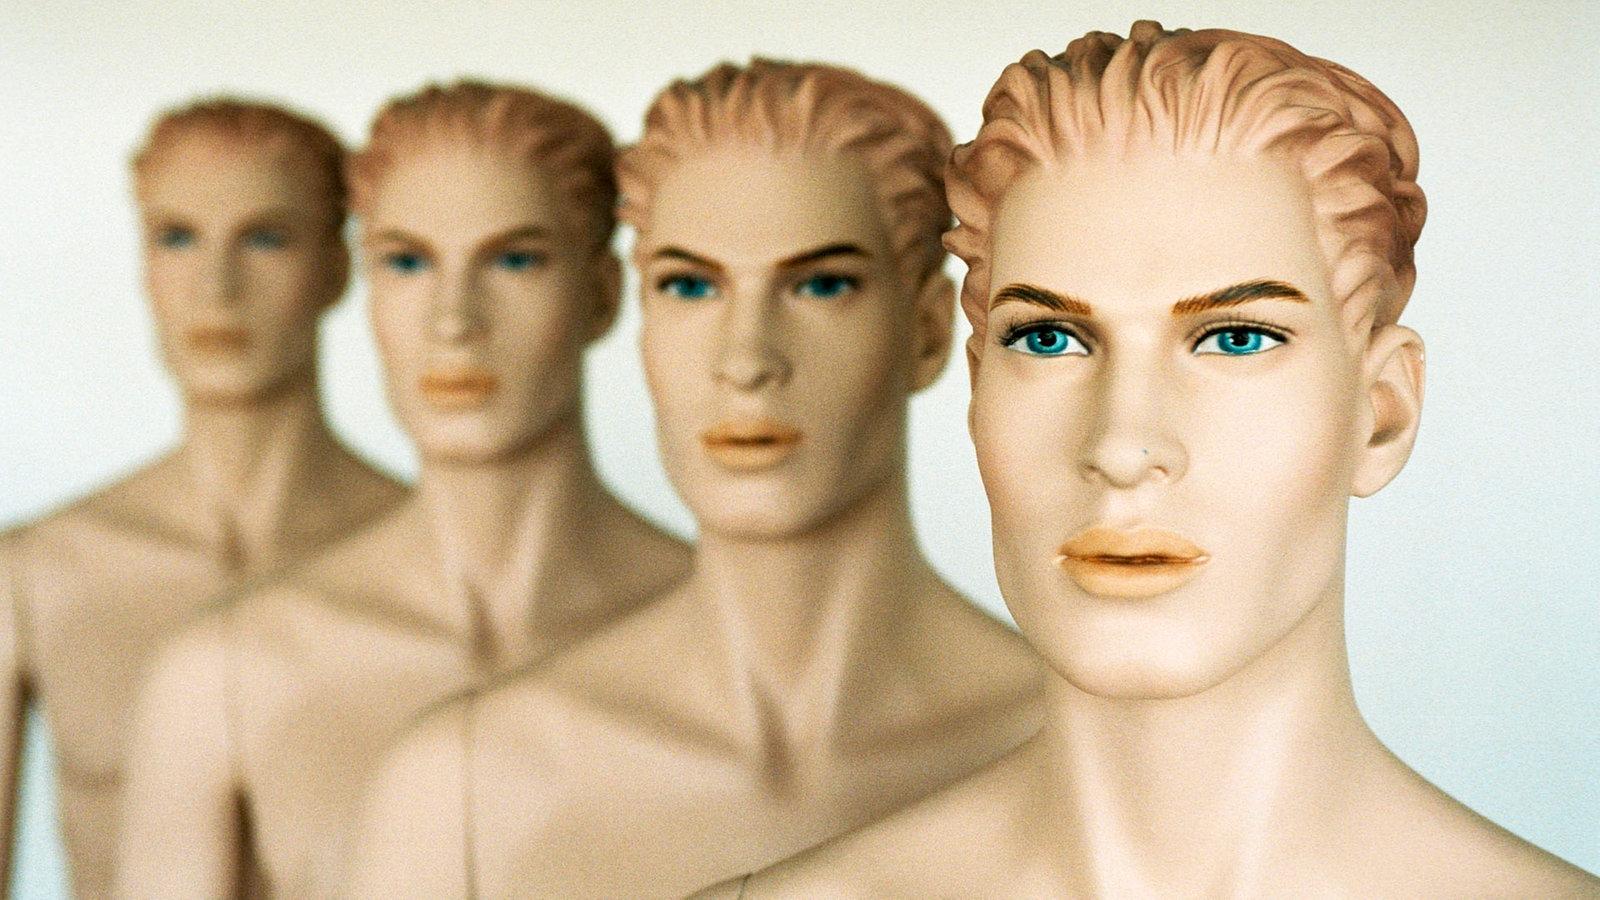 Menschen Klonen